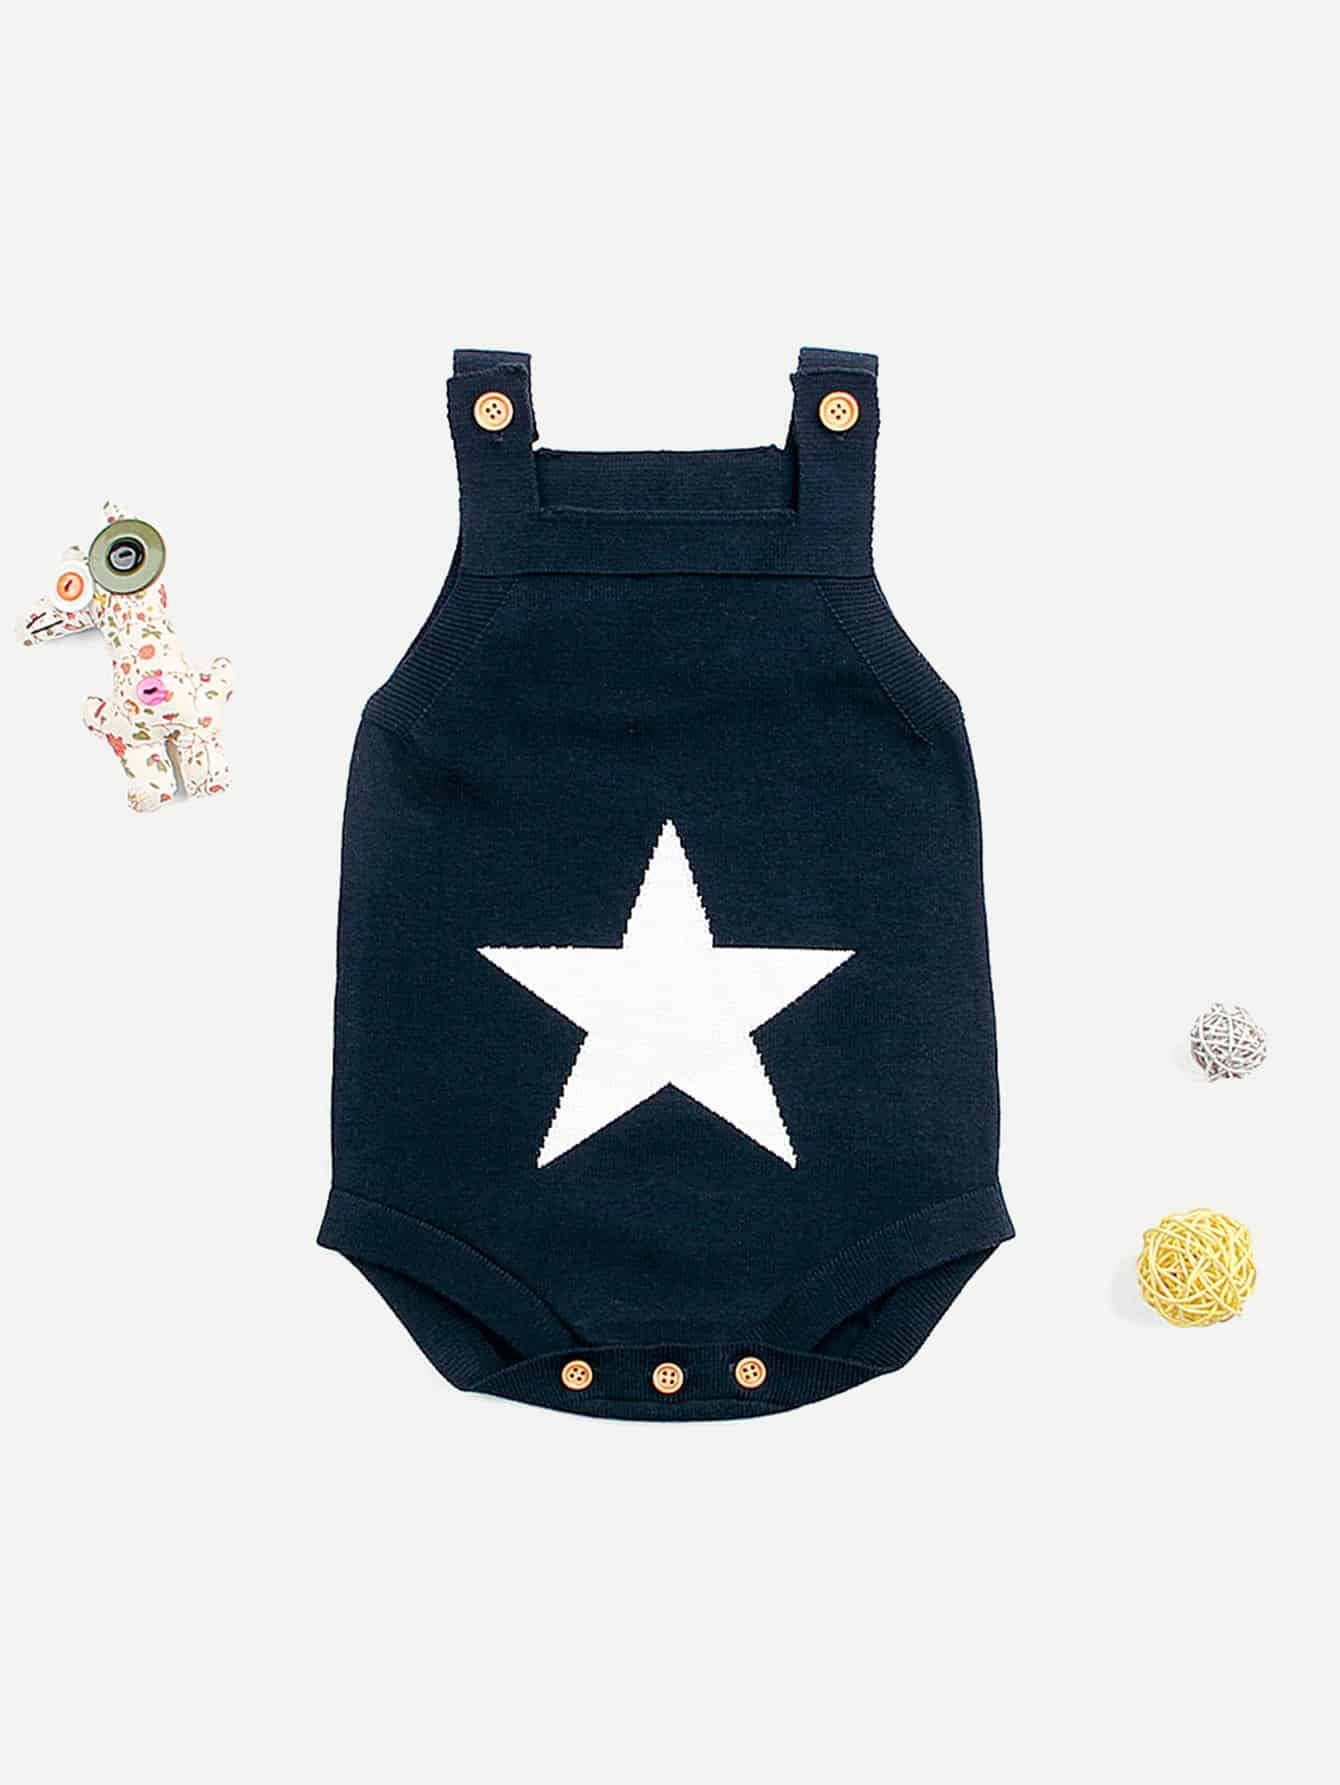 Купить Для маленьких мальчиков вязанный комбинезон с звездой, null, SheIn